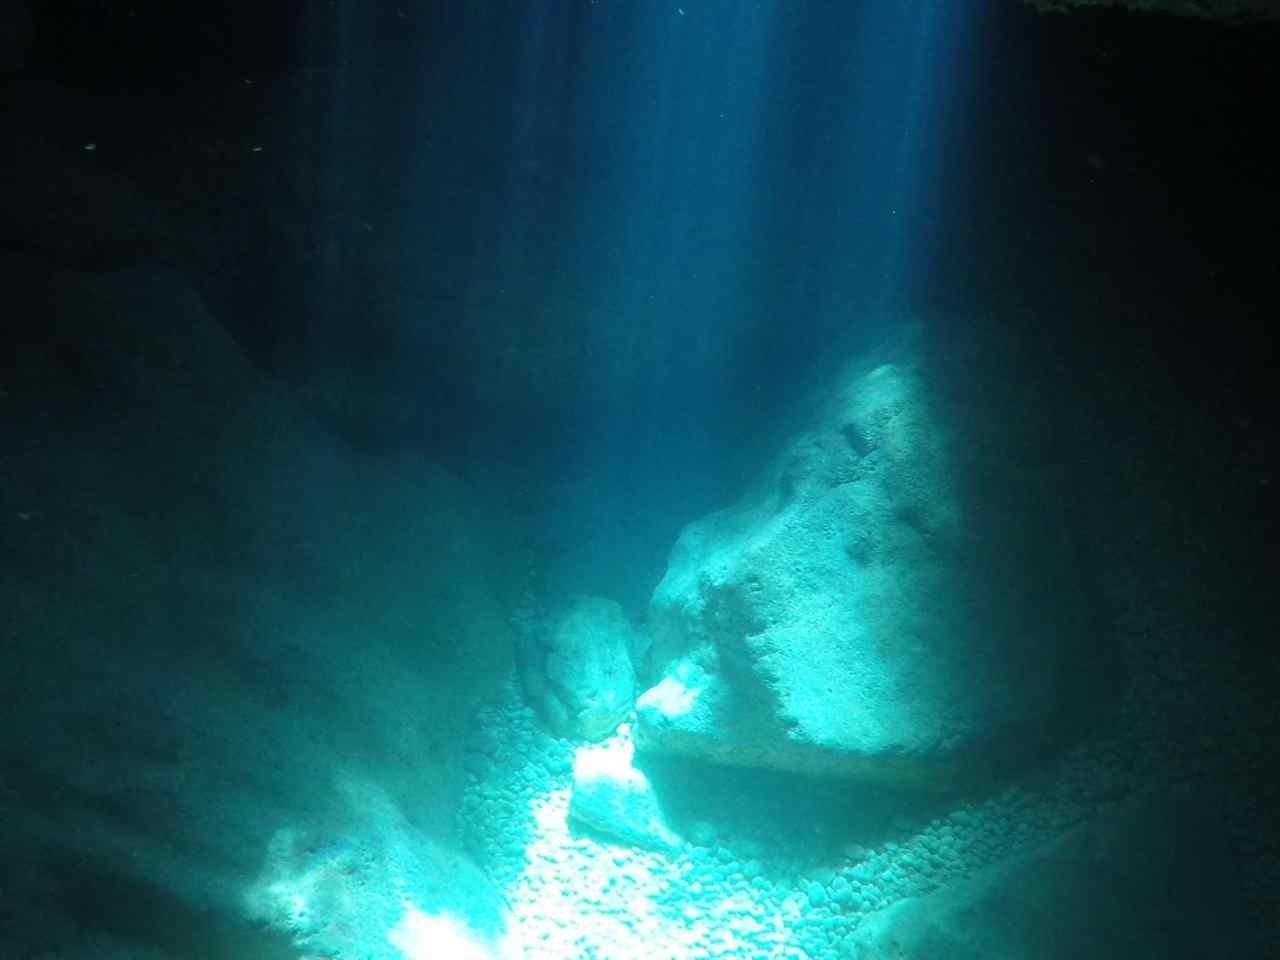 underwater sunlight rays